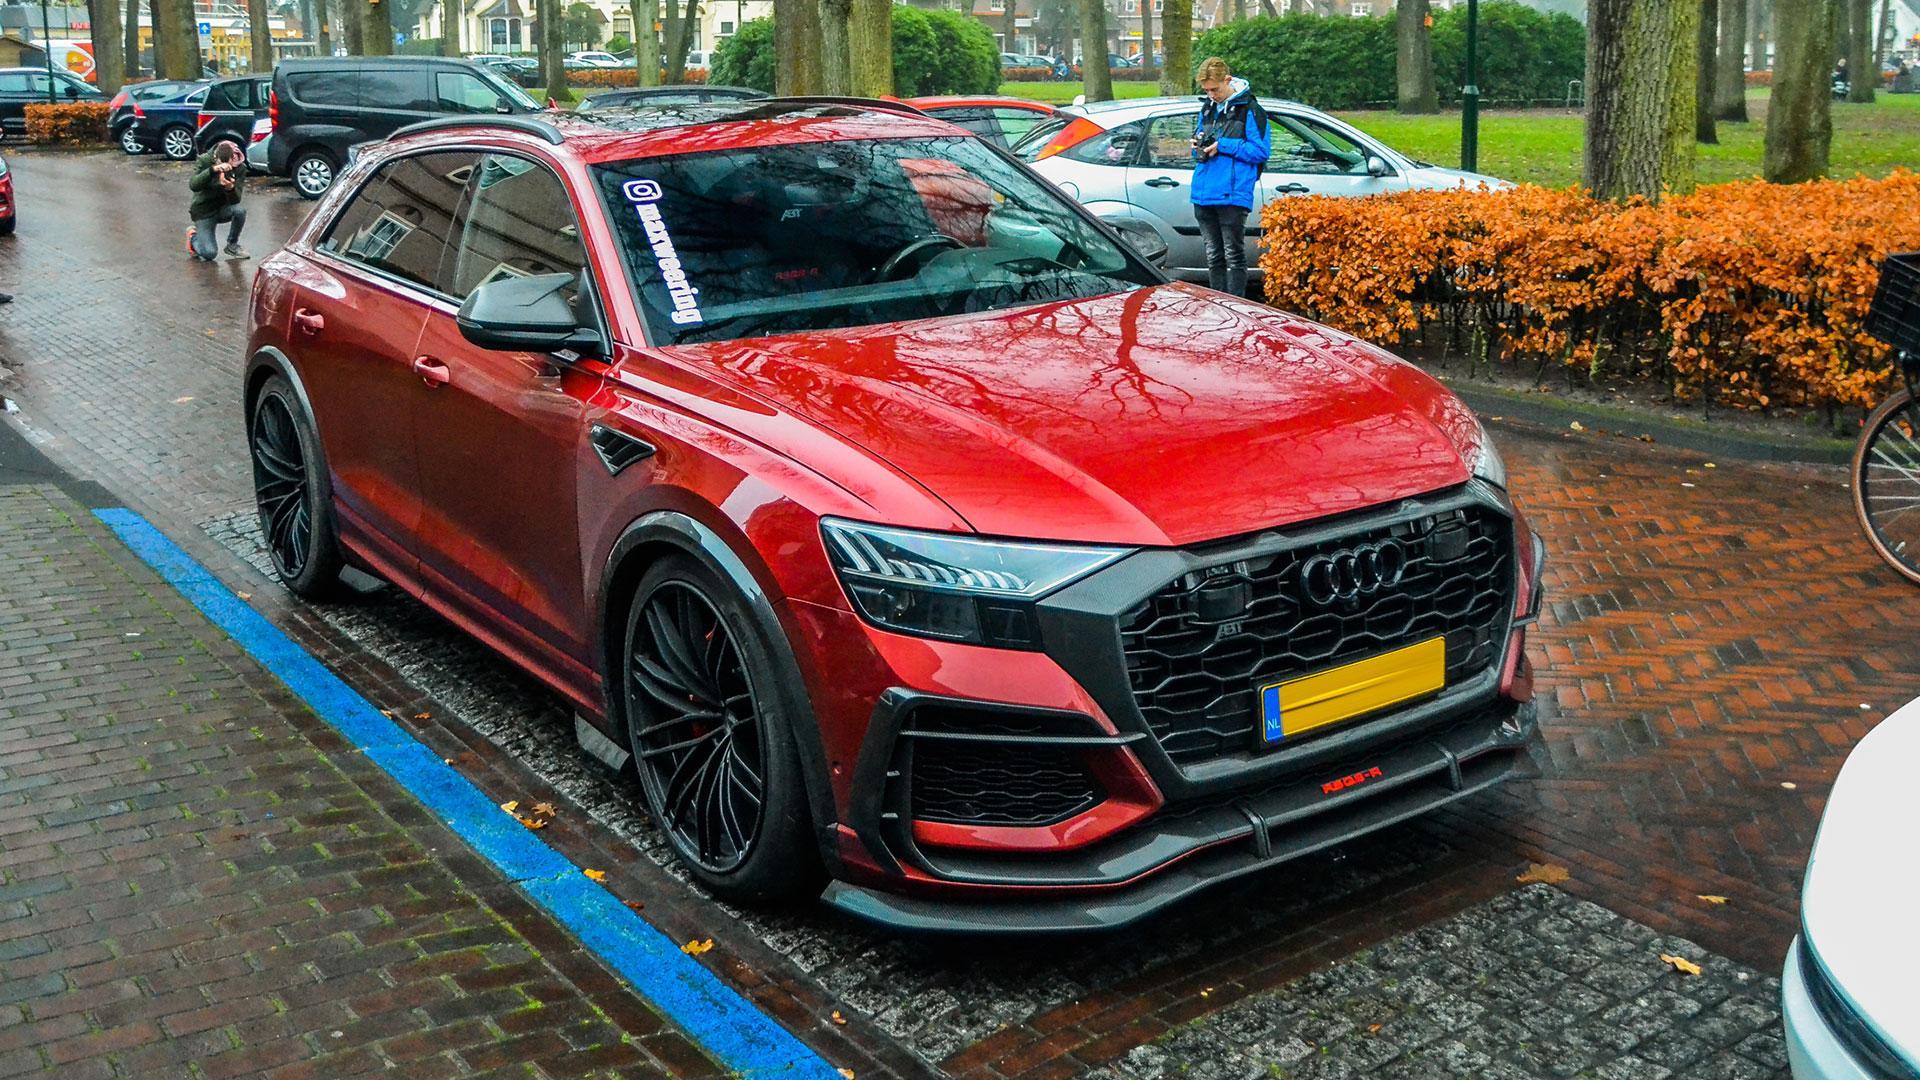 De duurste Audi van 2020 - Abt RS Q8-R